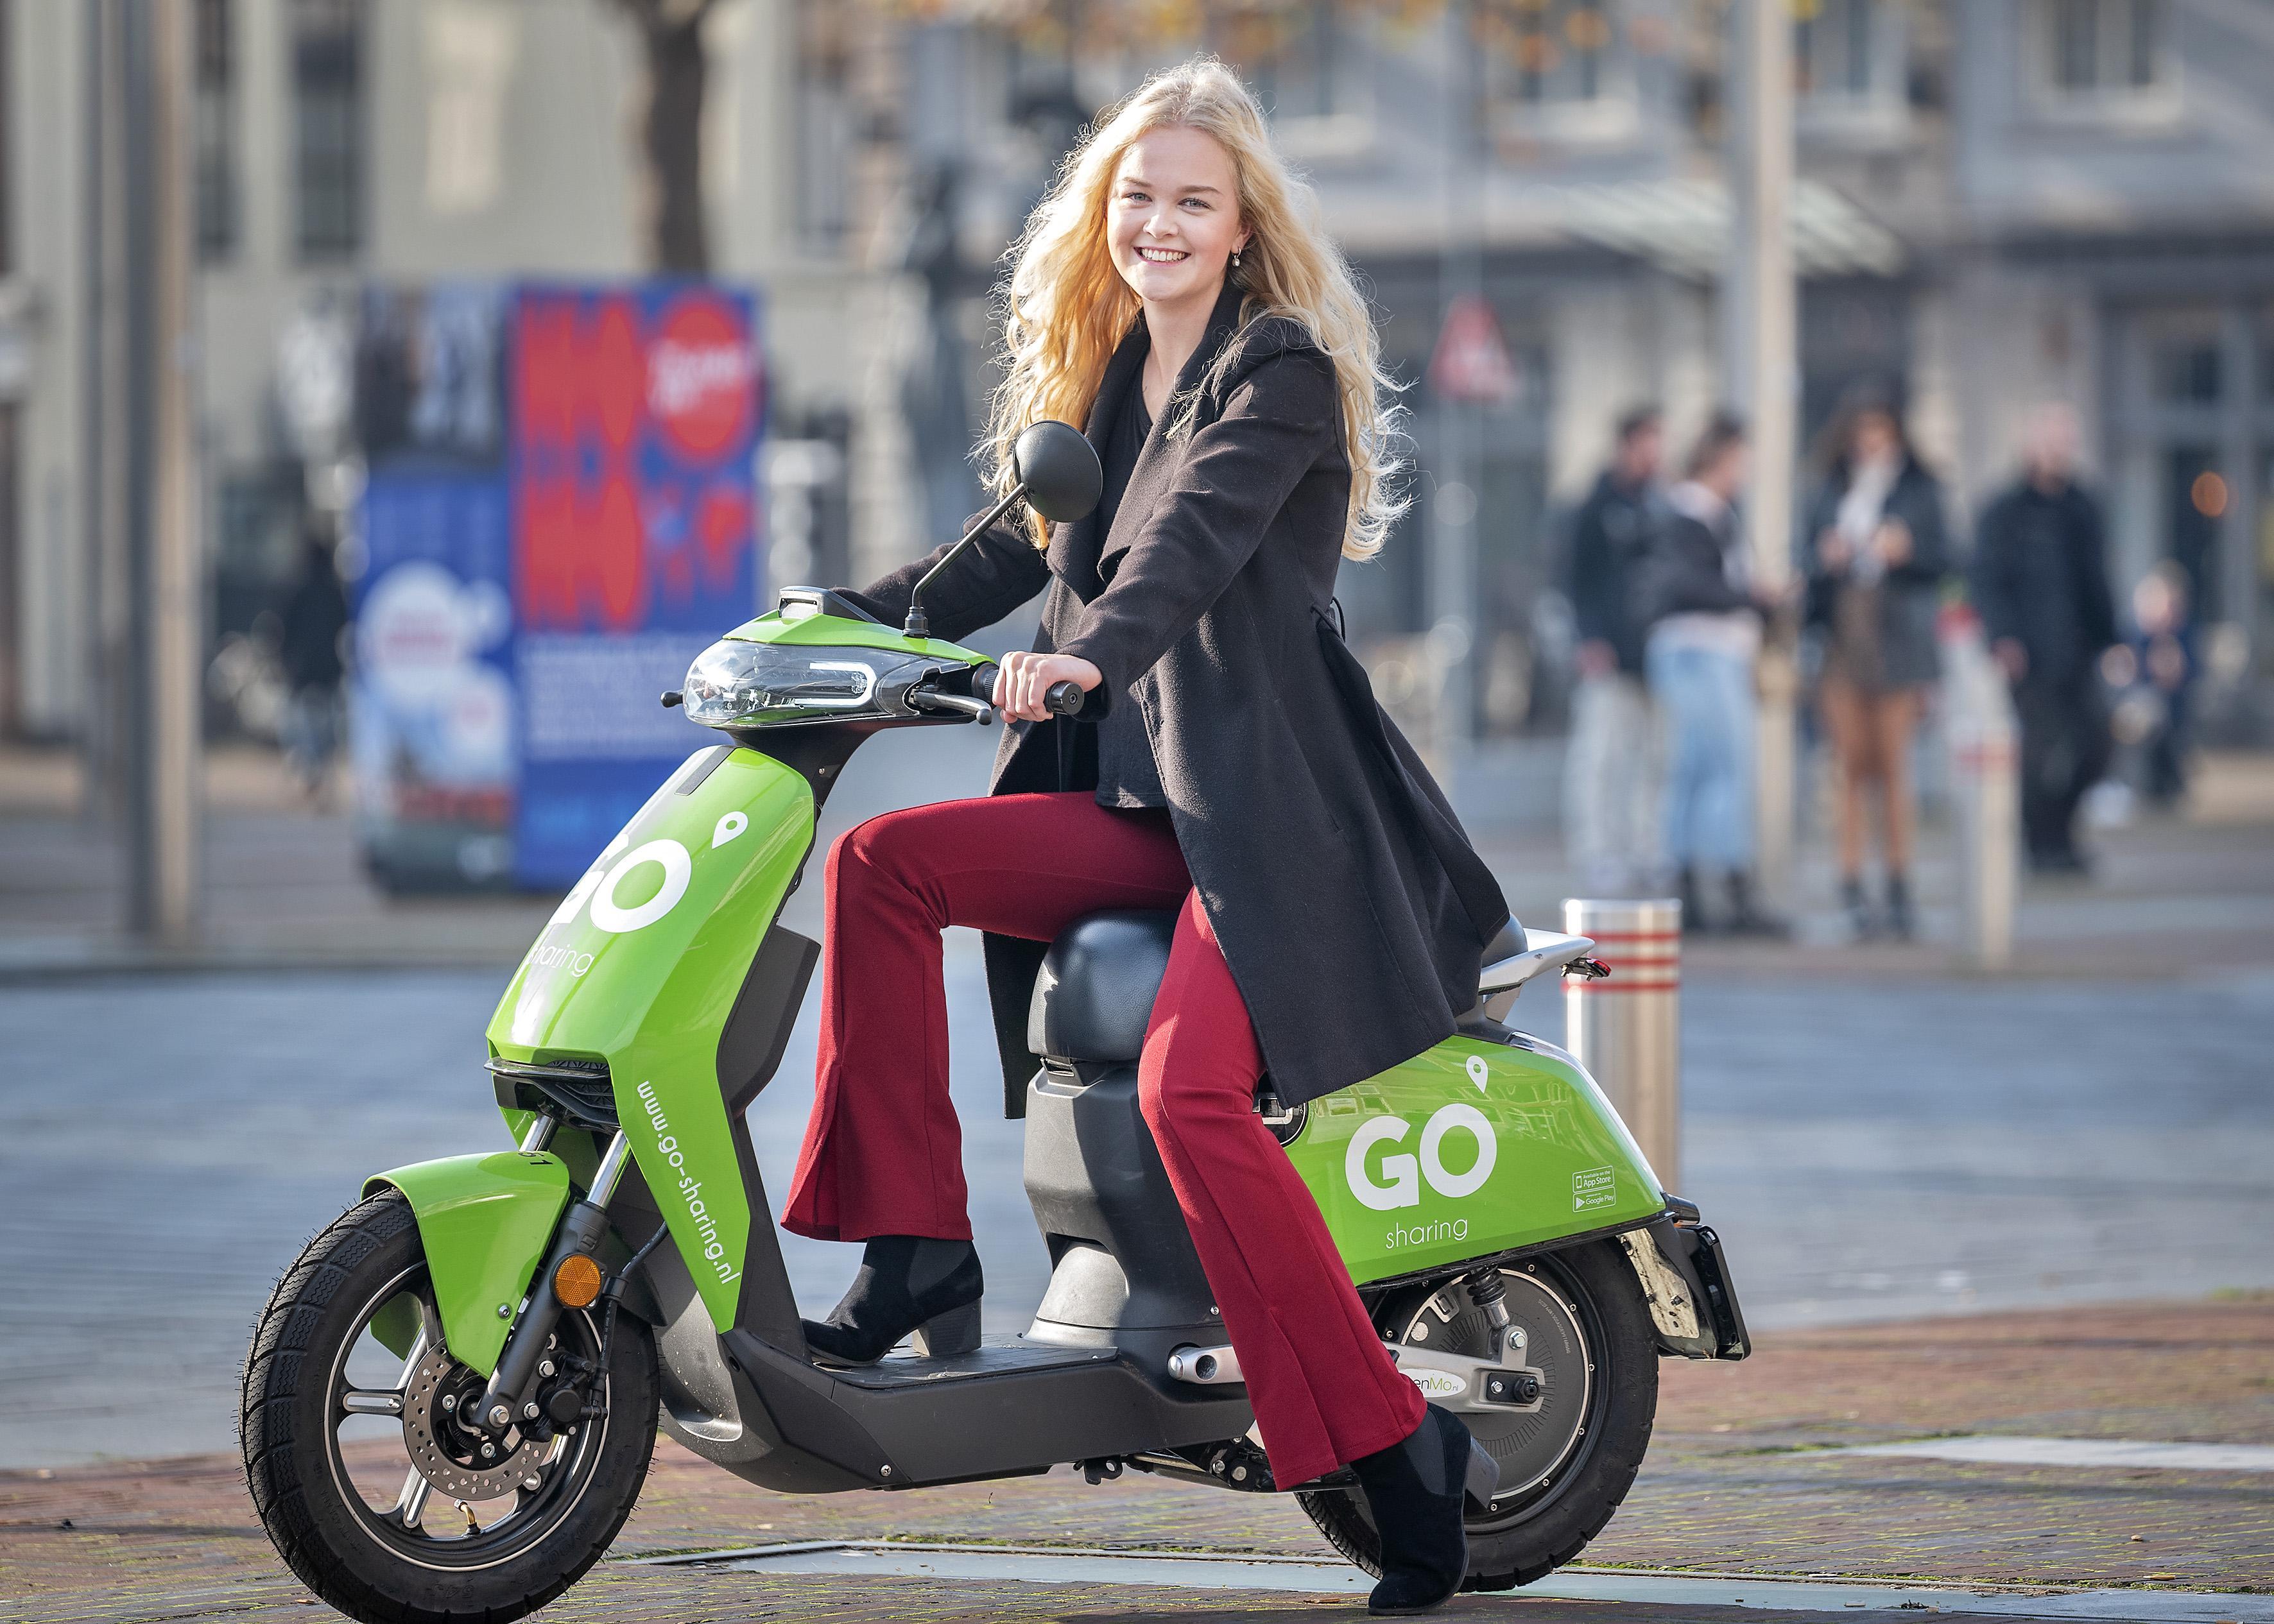 Flinke twijfels bij elektrische deelscooters in Haarlem: 'We moeten niet bang zijn om de stekker eruit te trekken'